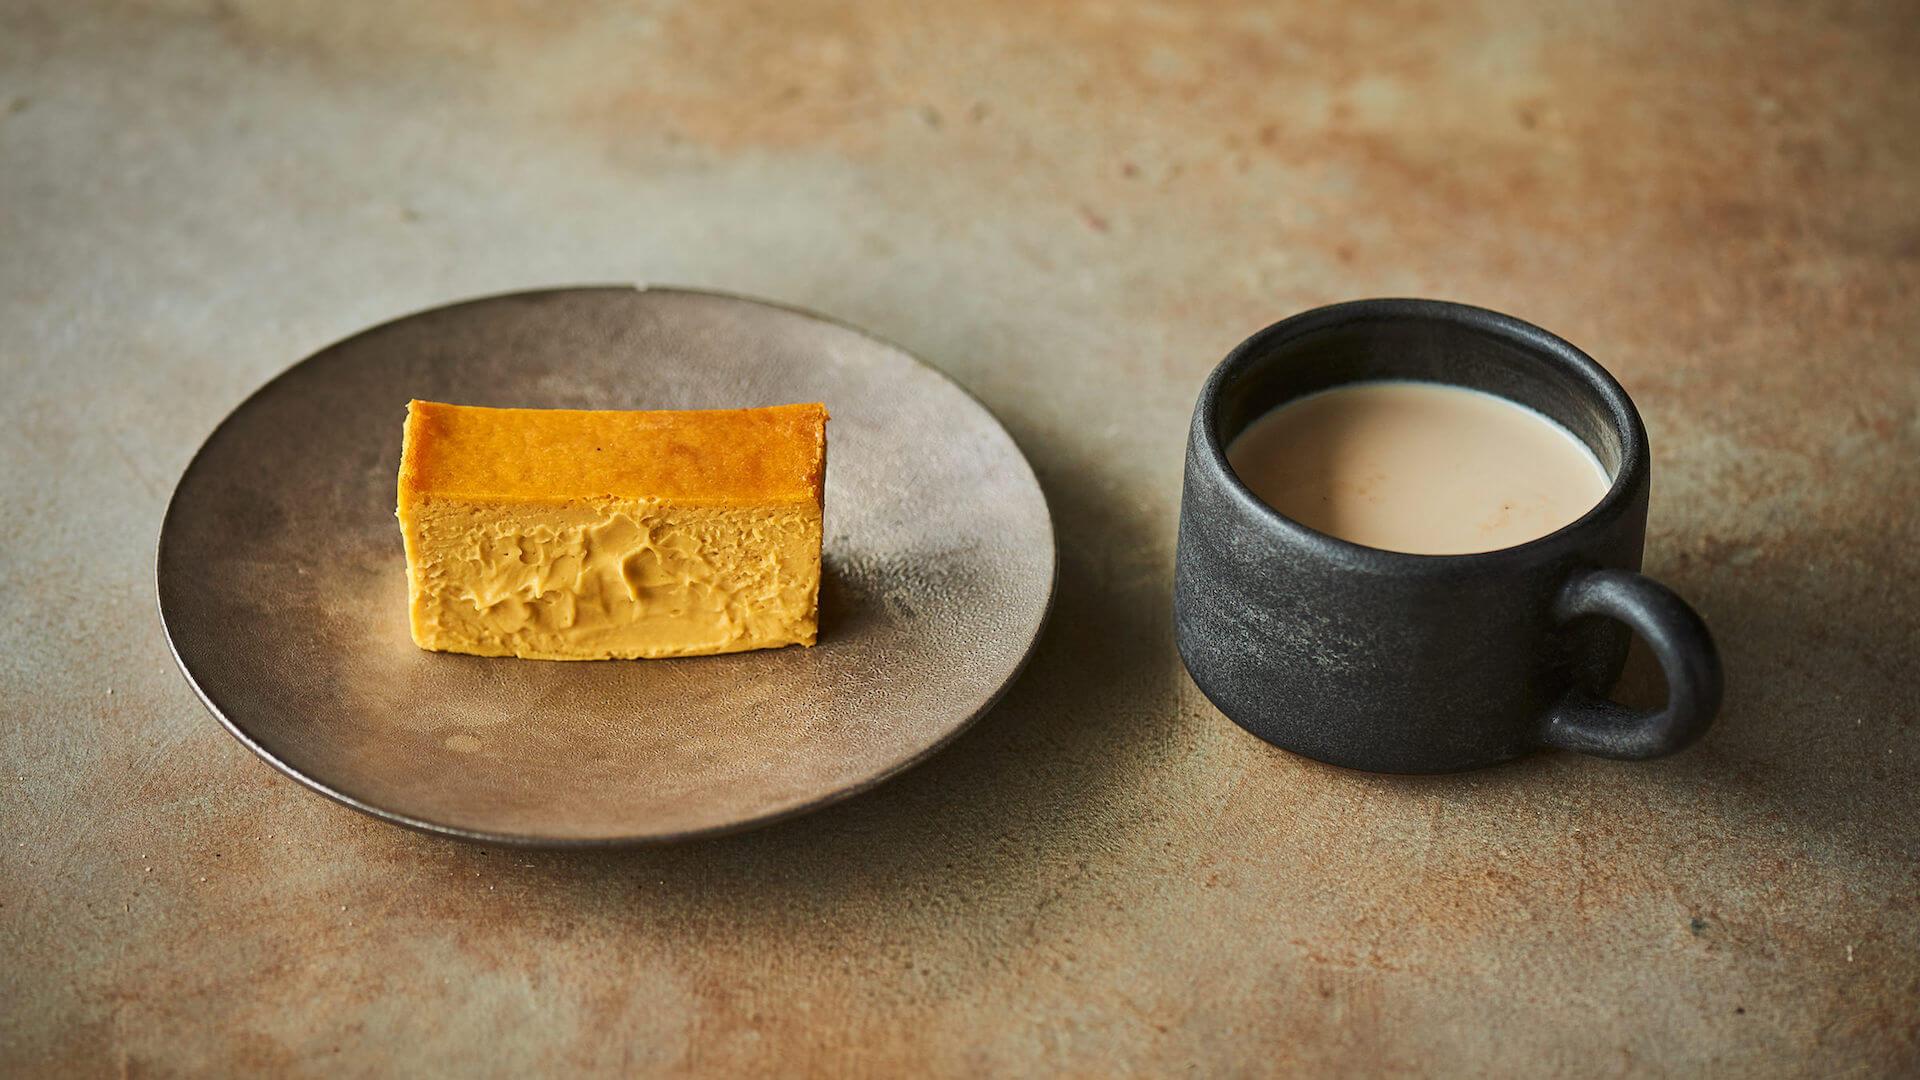 チーズケーキ専門店Mr. CHEESECAKEでハロウィン限定フレーバー「パンプキン バタースコッチ」が数量限定販売決定! gourmet200928_mrcheesecake_6